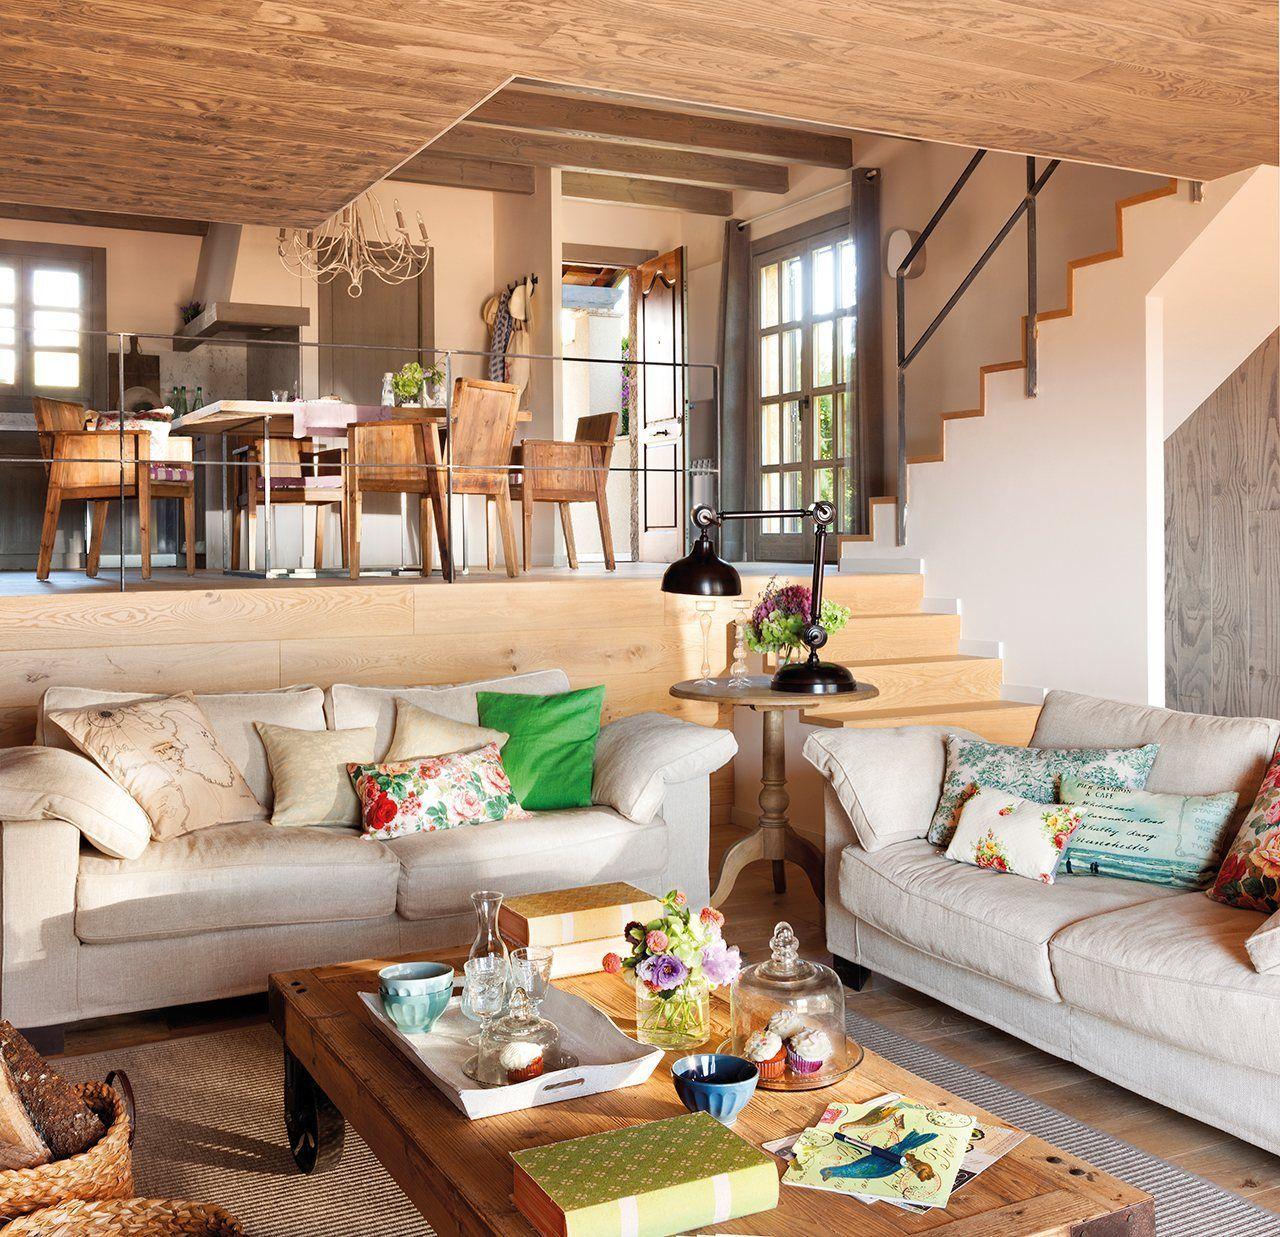 Has the Sunken Living Room Made a Comeback? | realtor.com®